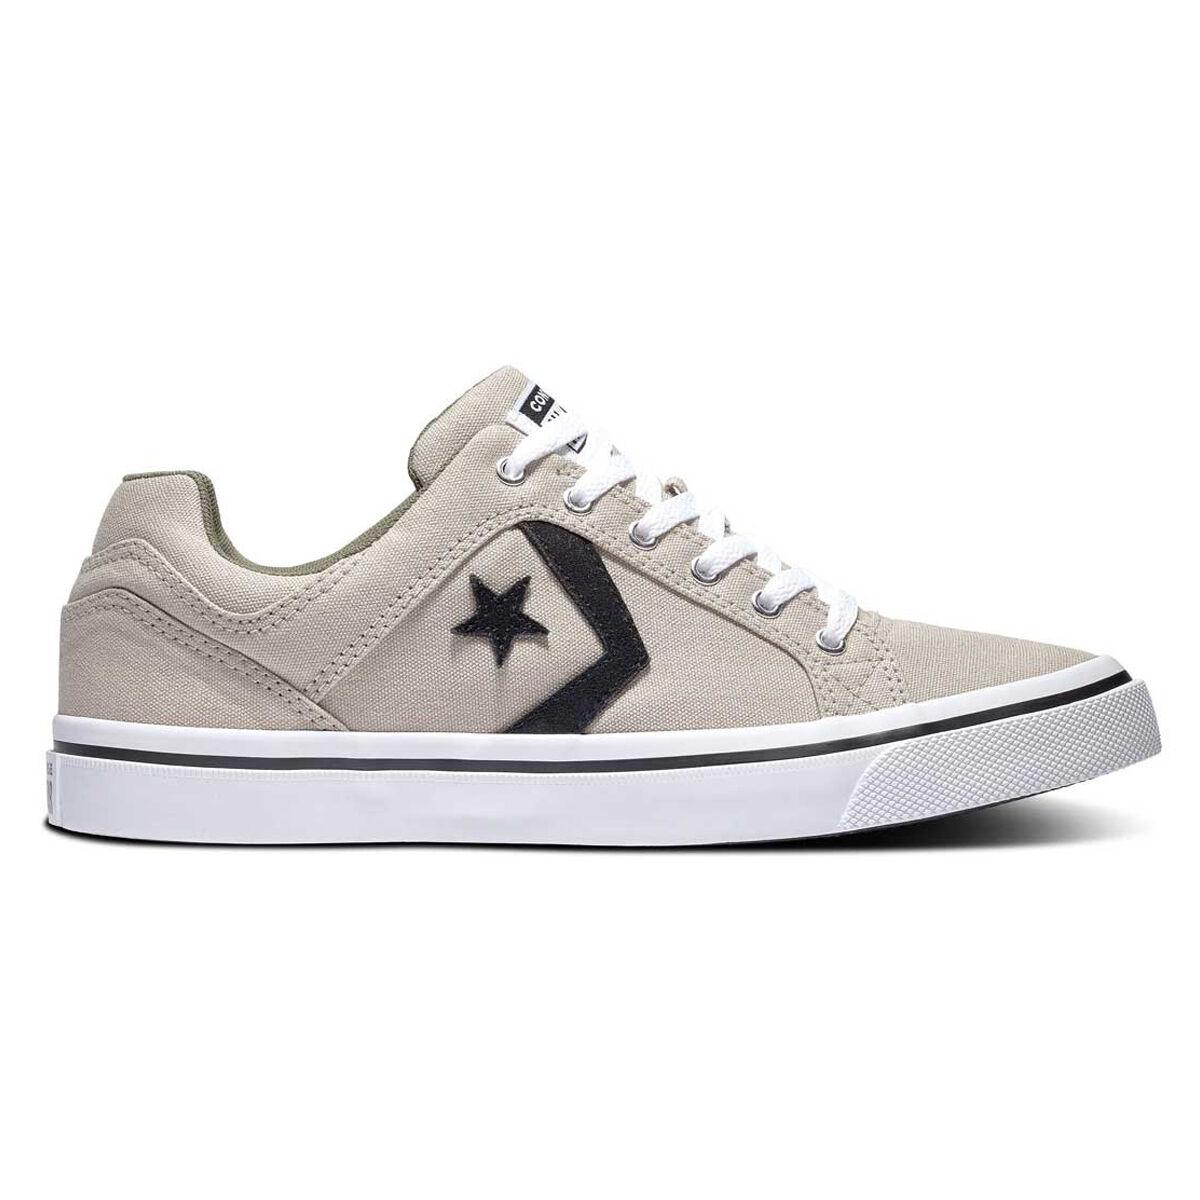 Converse El Distrito Mens Casual Shoes